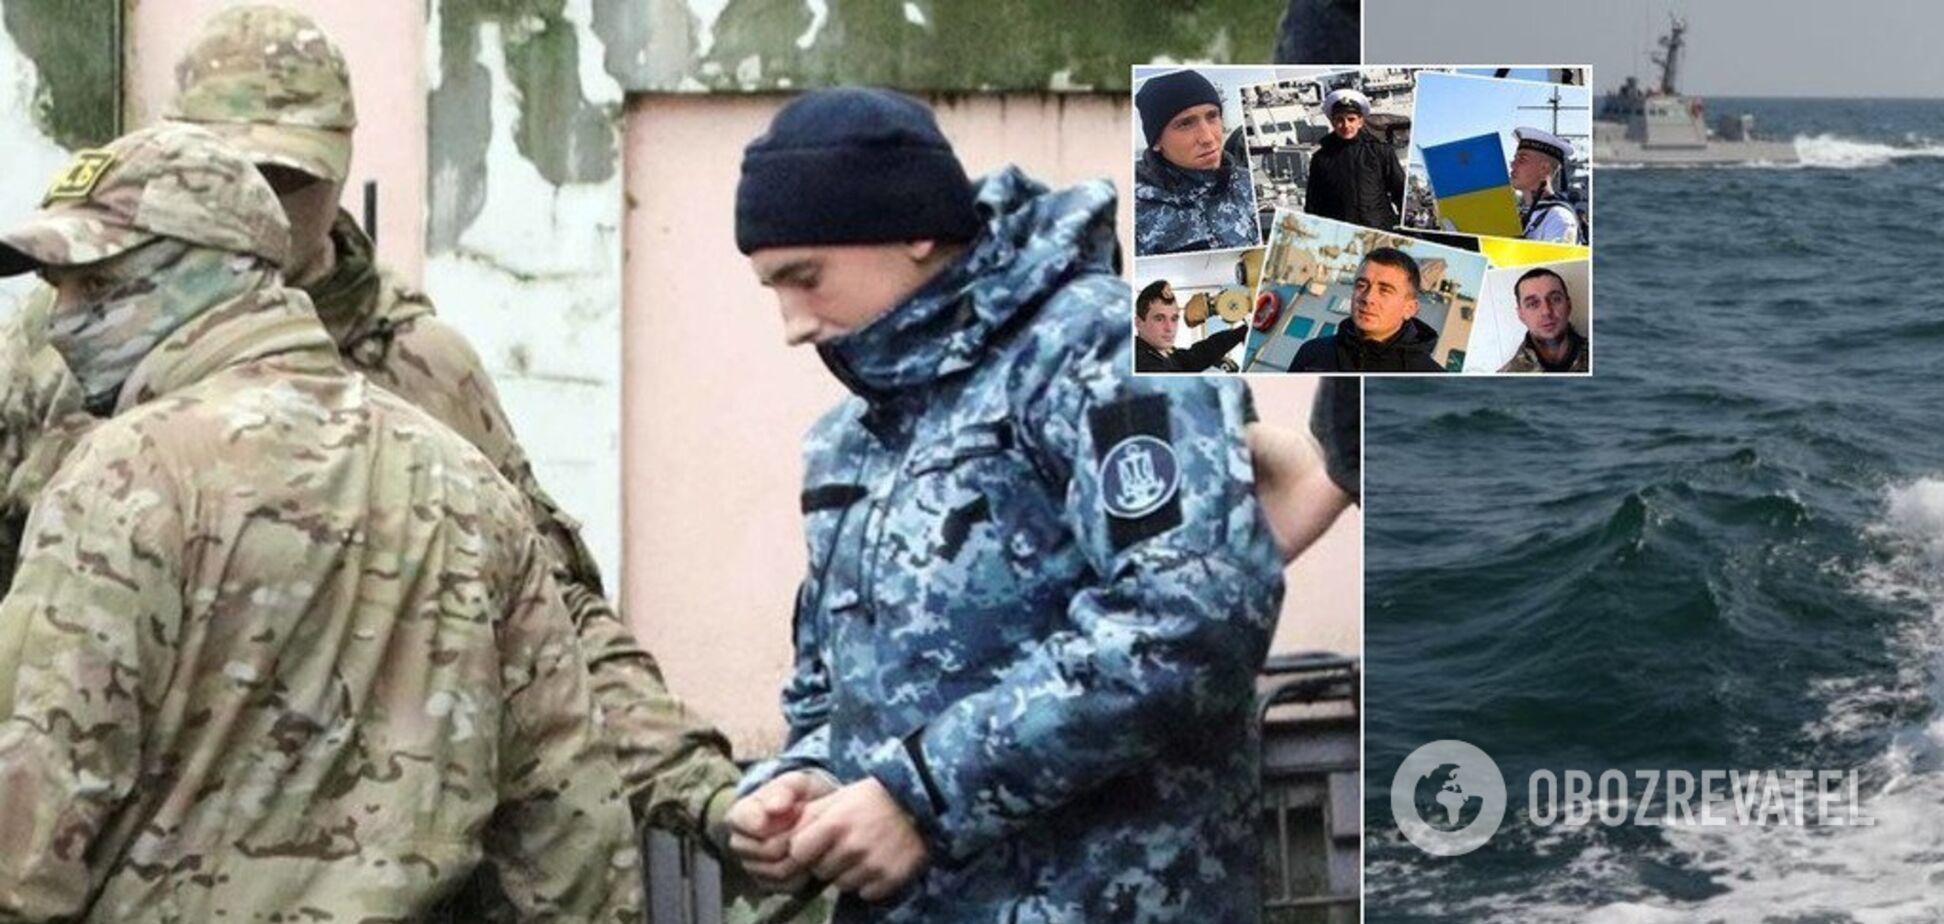 ''Россия ошибается!'' Международный трибунал собрался из-за пленных украинских моряков: все подробности